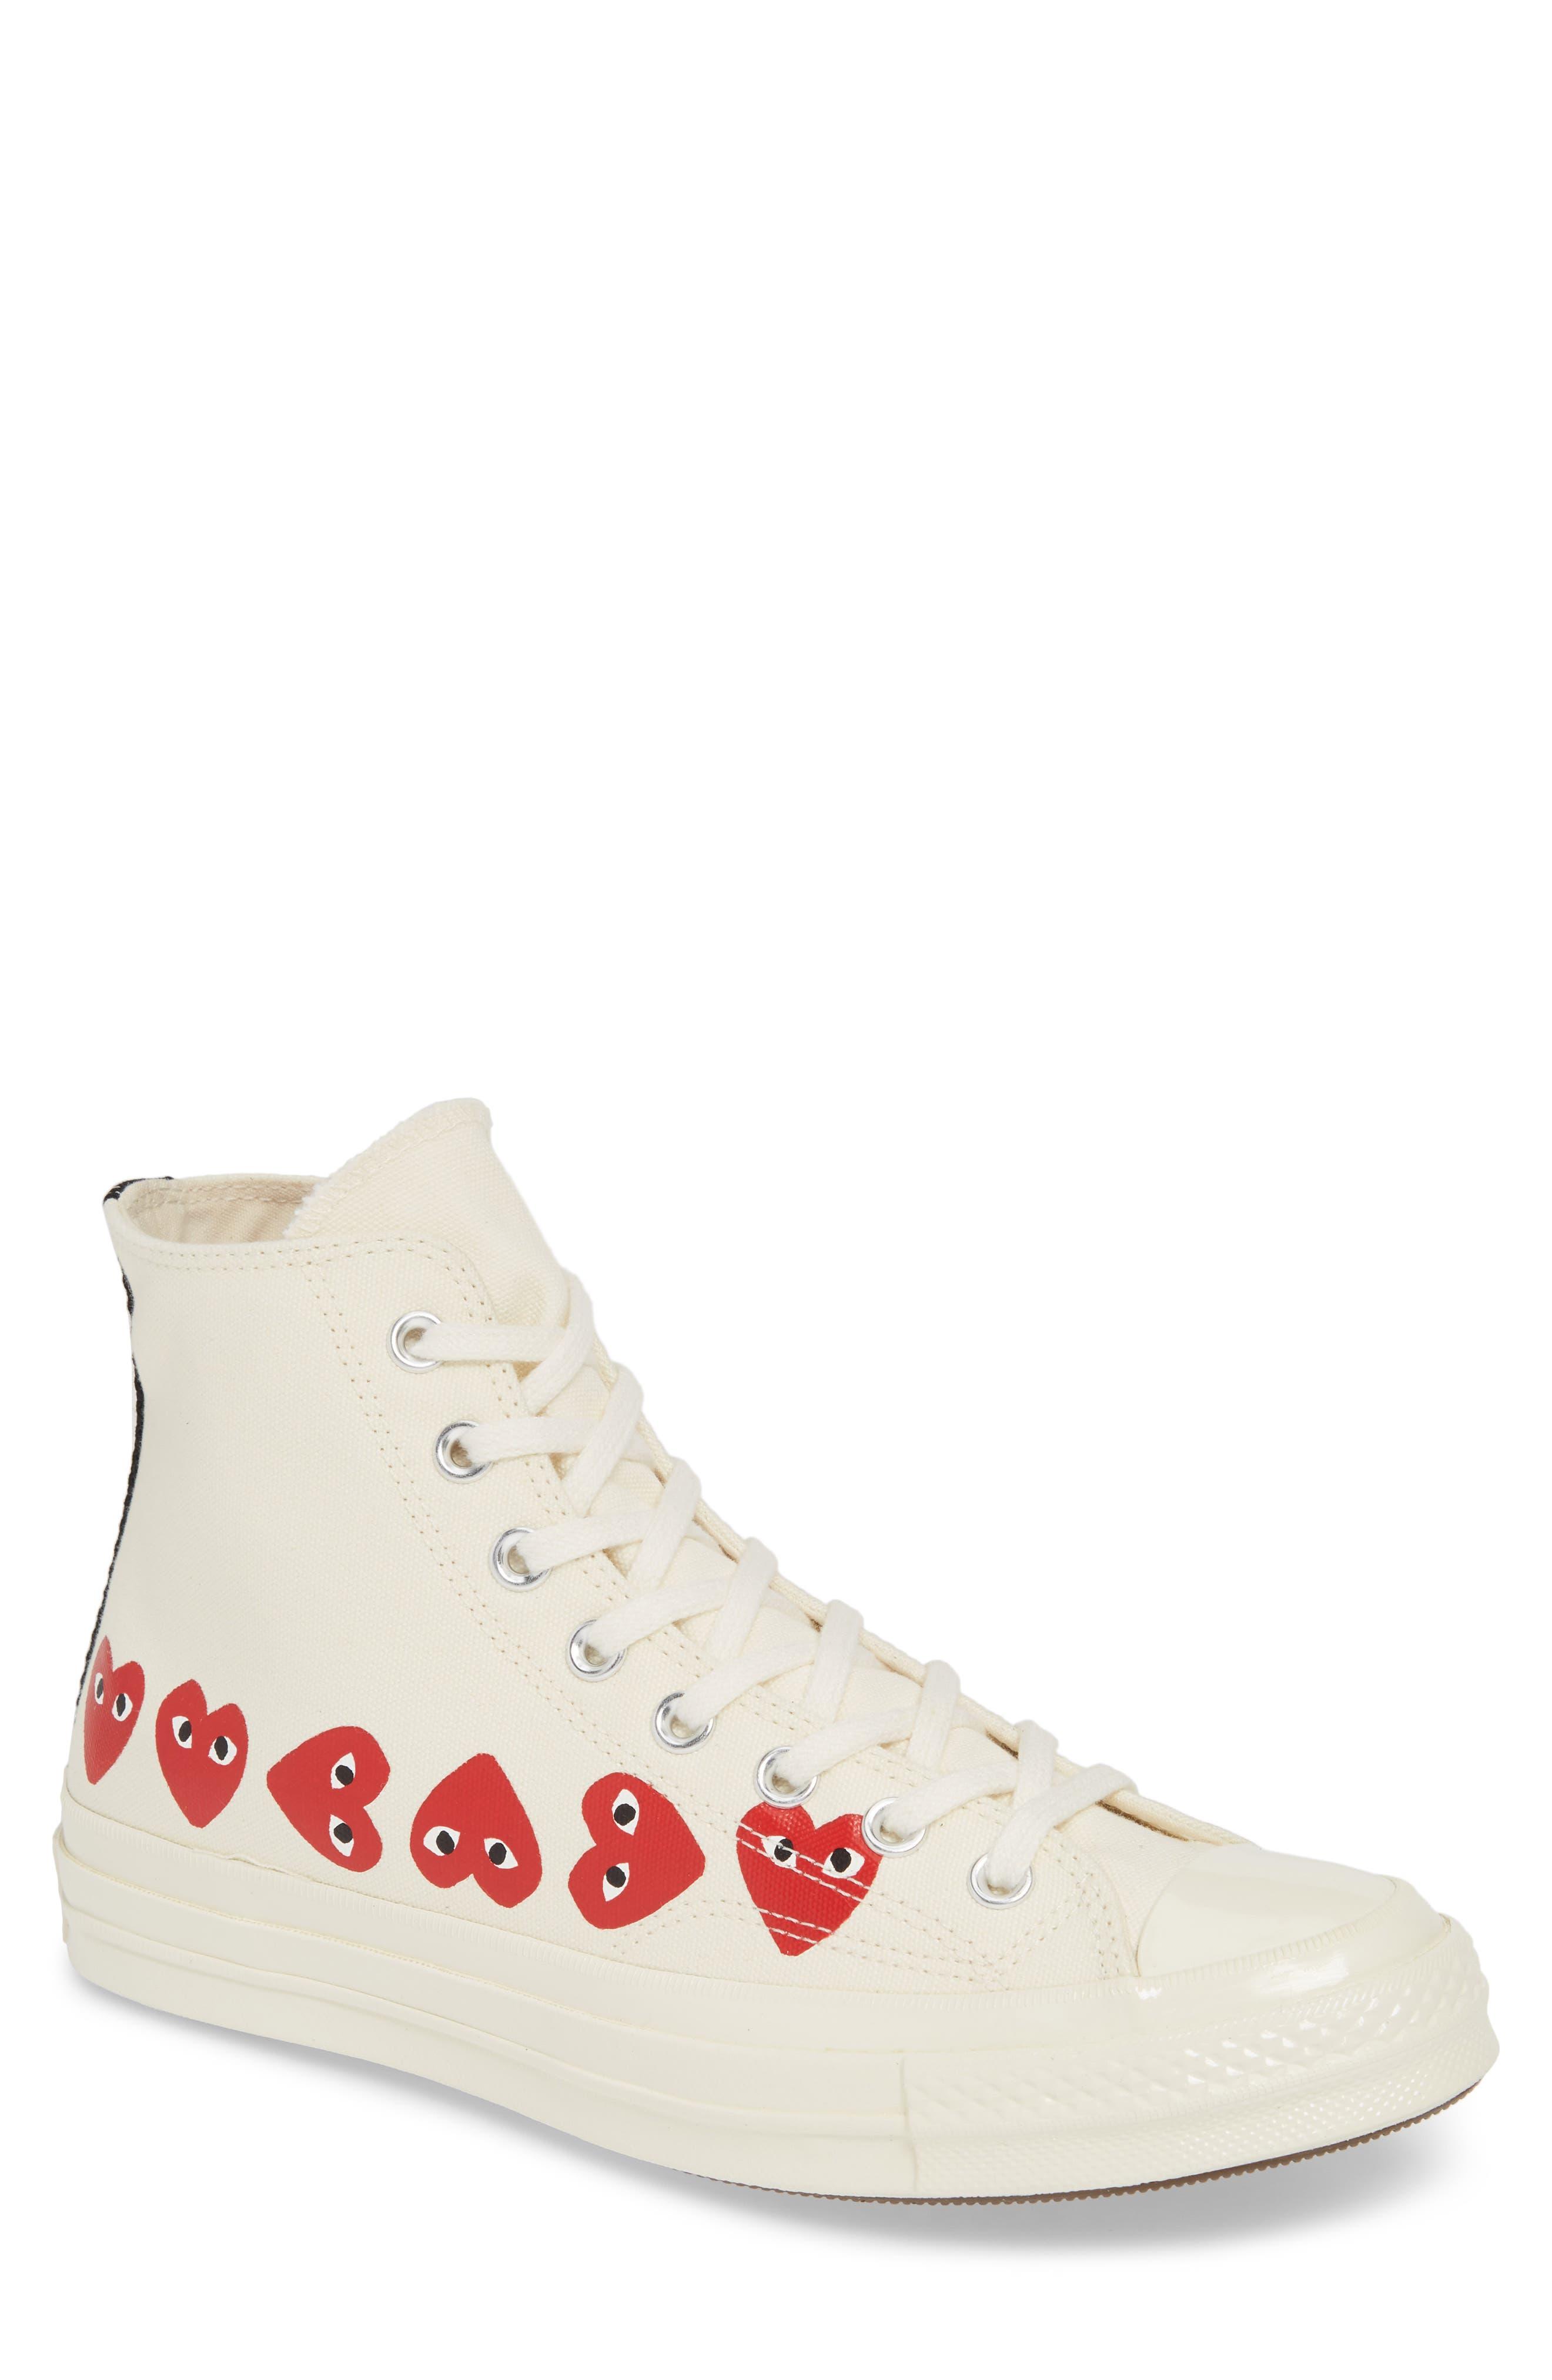 MenNordstrom For Designer Sneakers MenNordstrom Sneakers For Designer TlFcKJ1